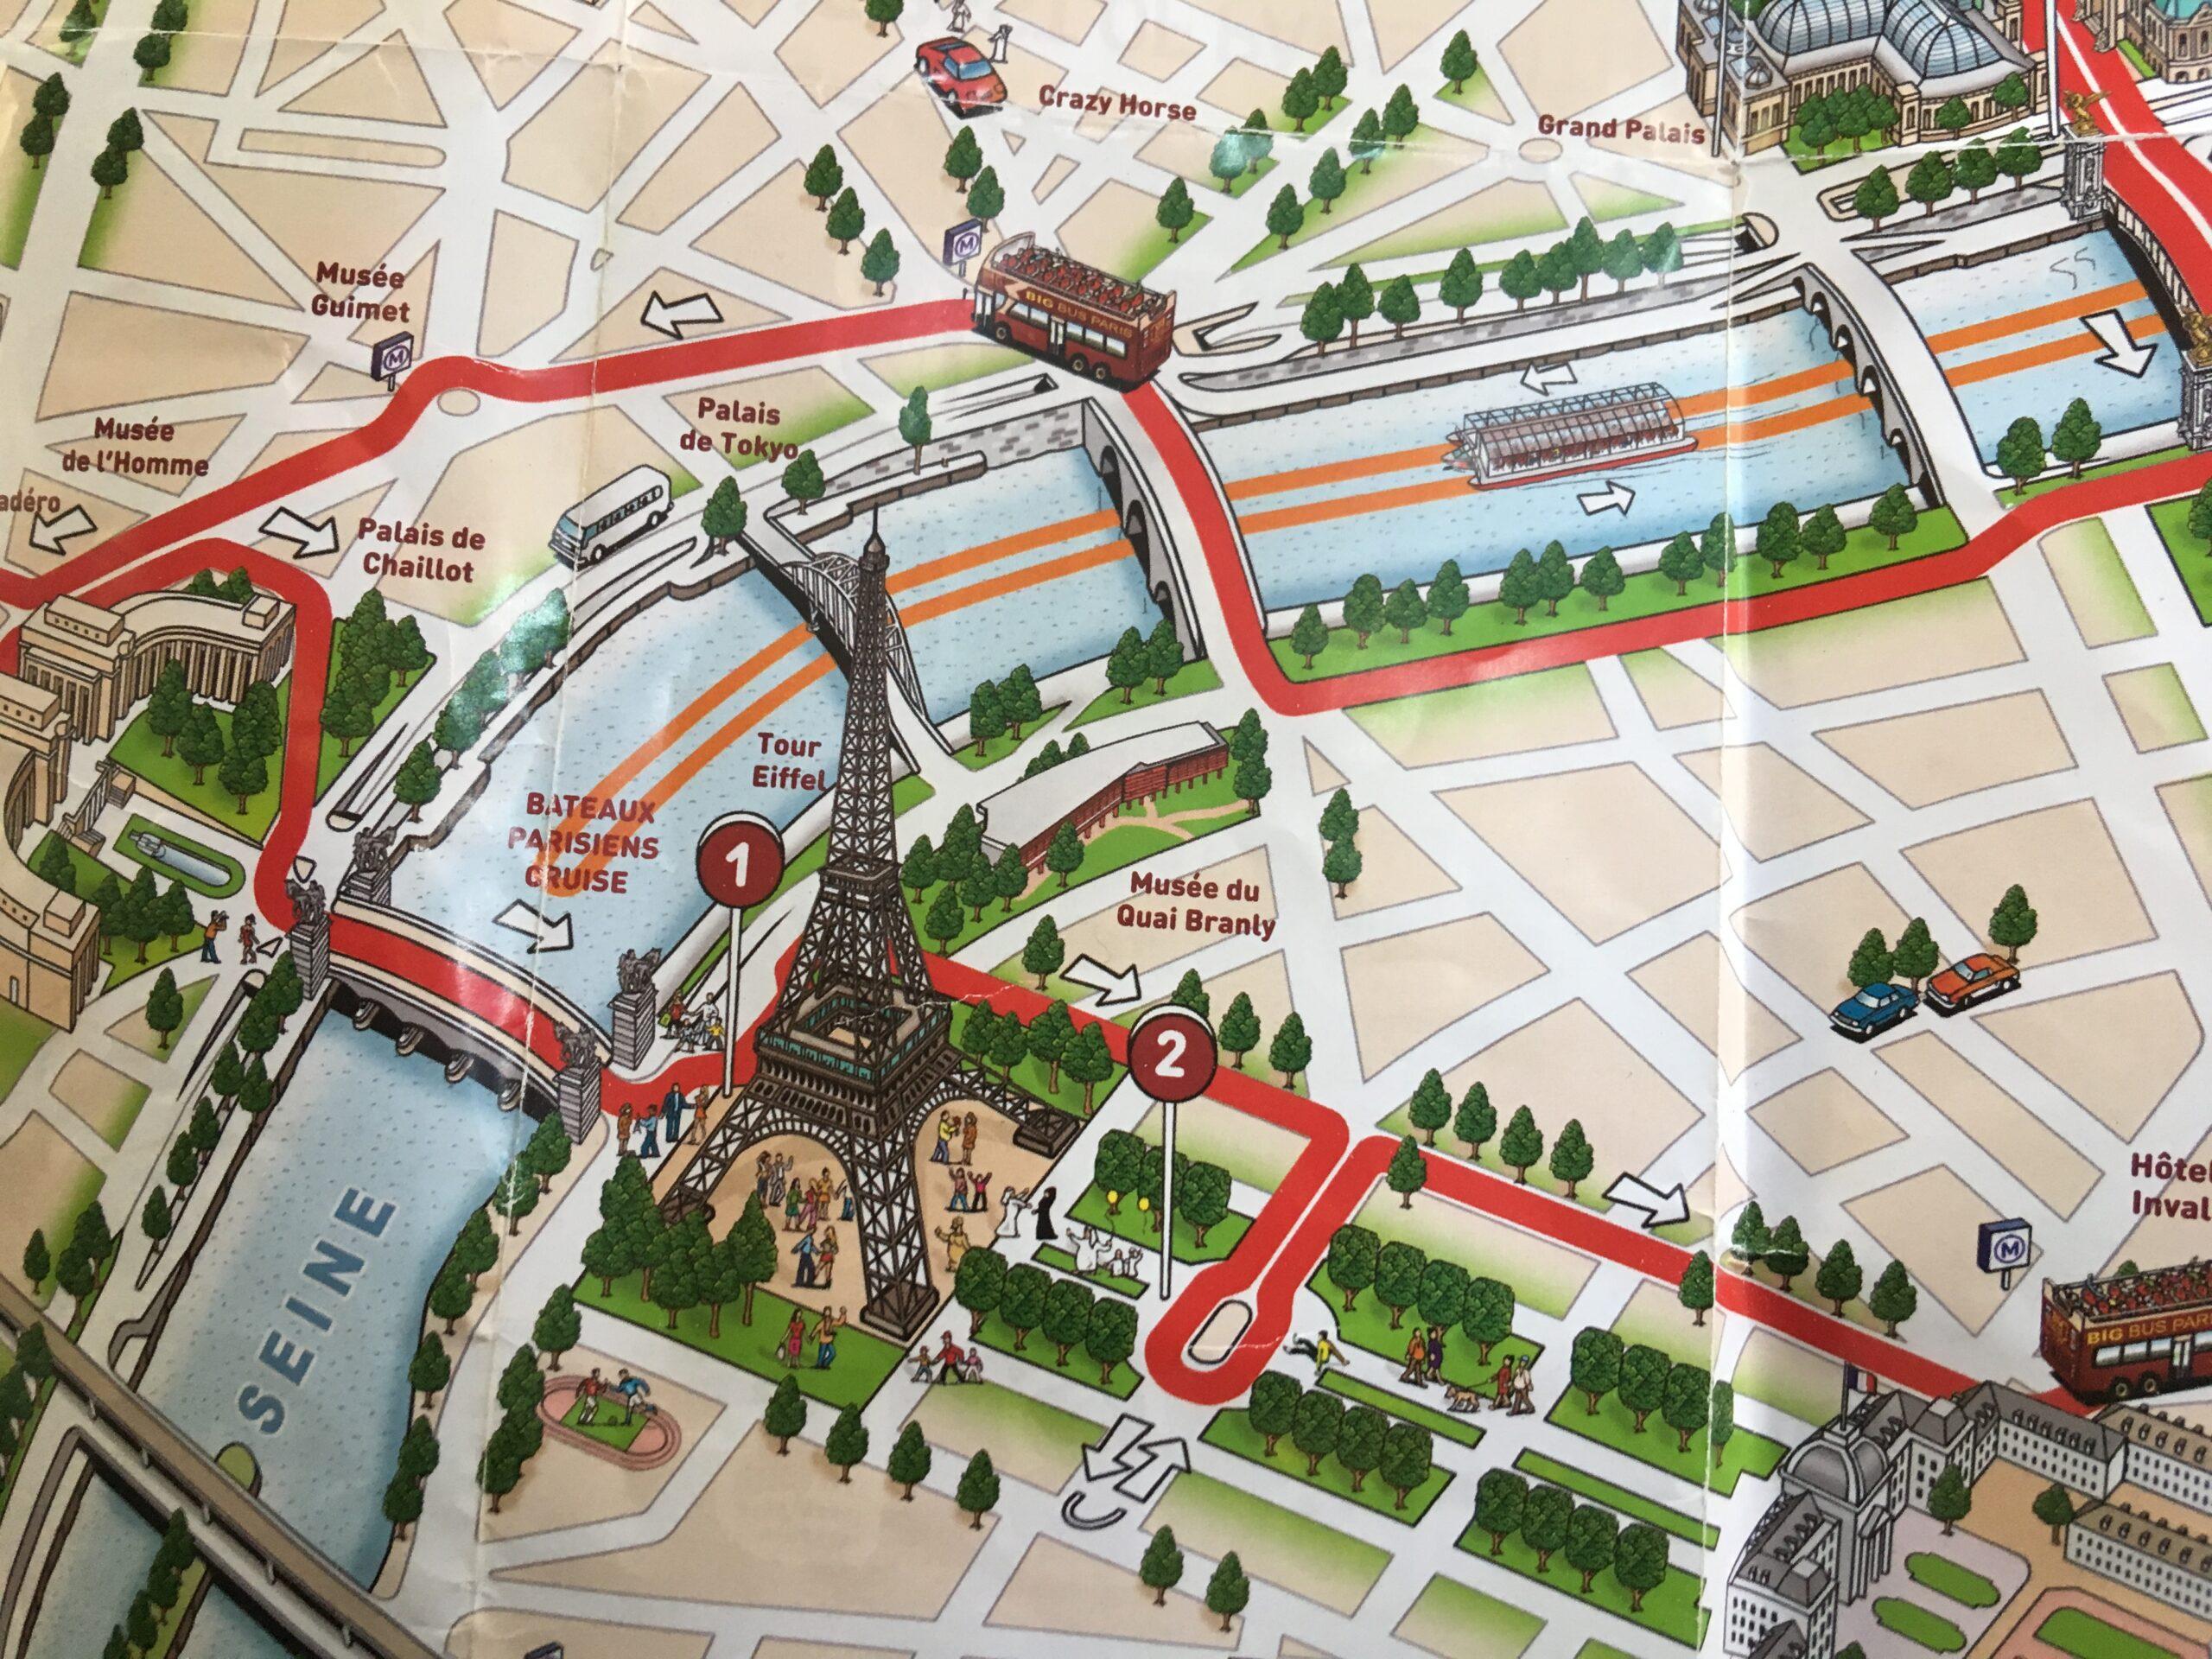 Bus map of Paris, France